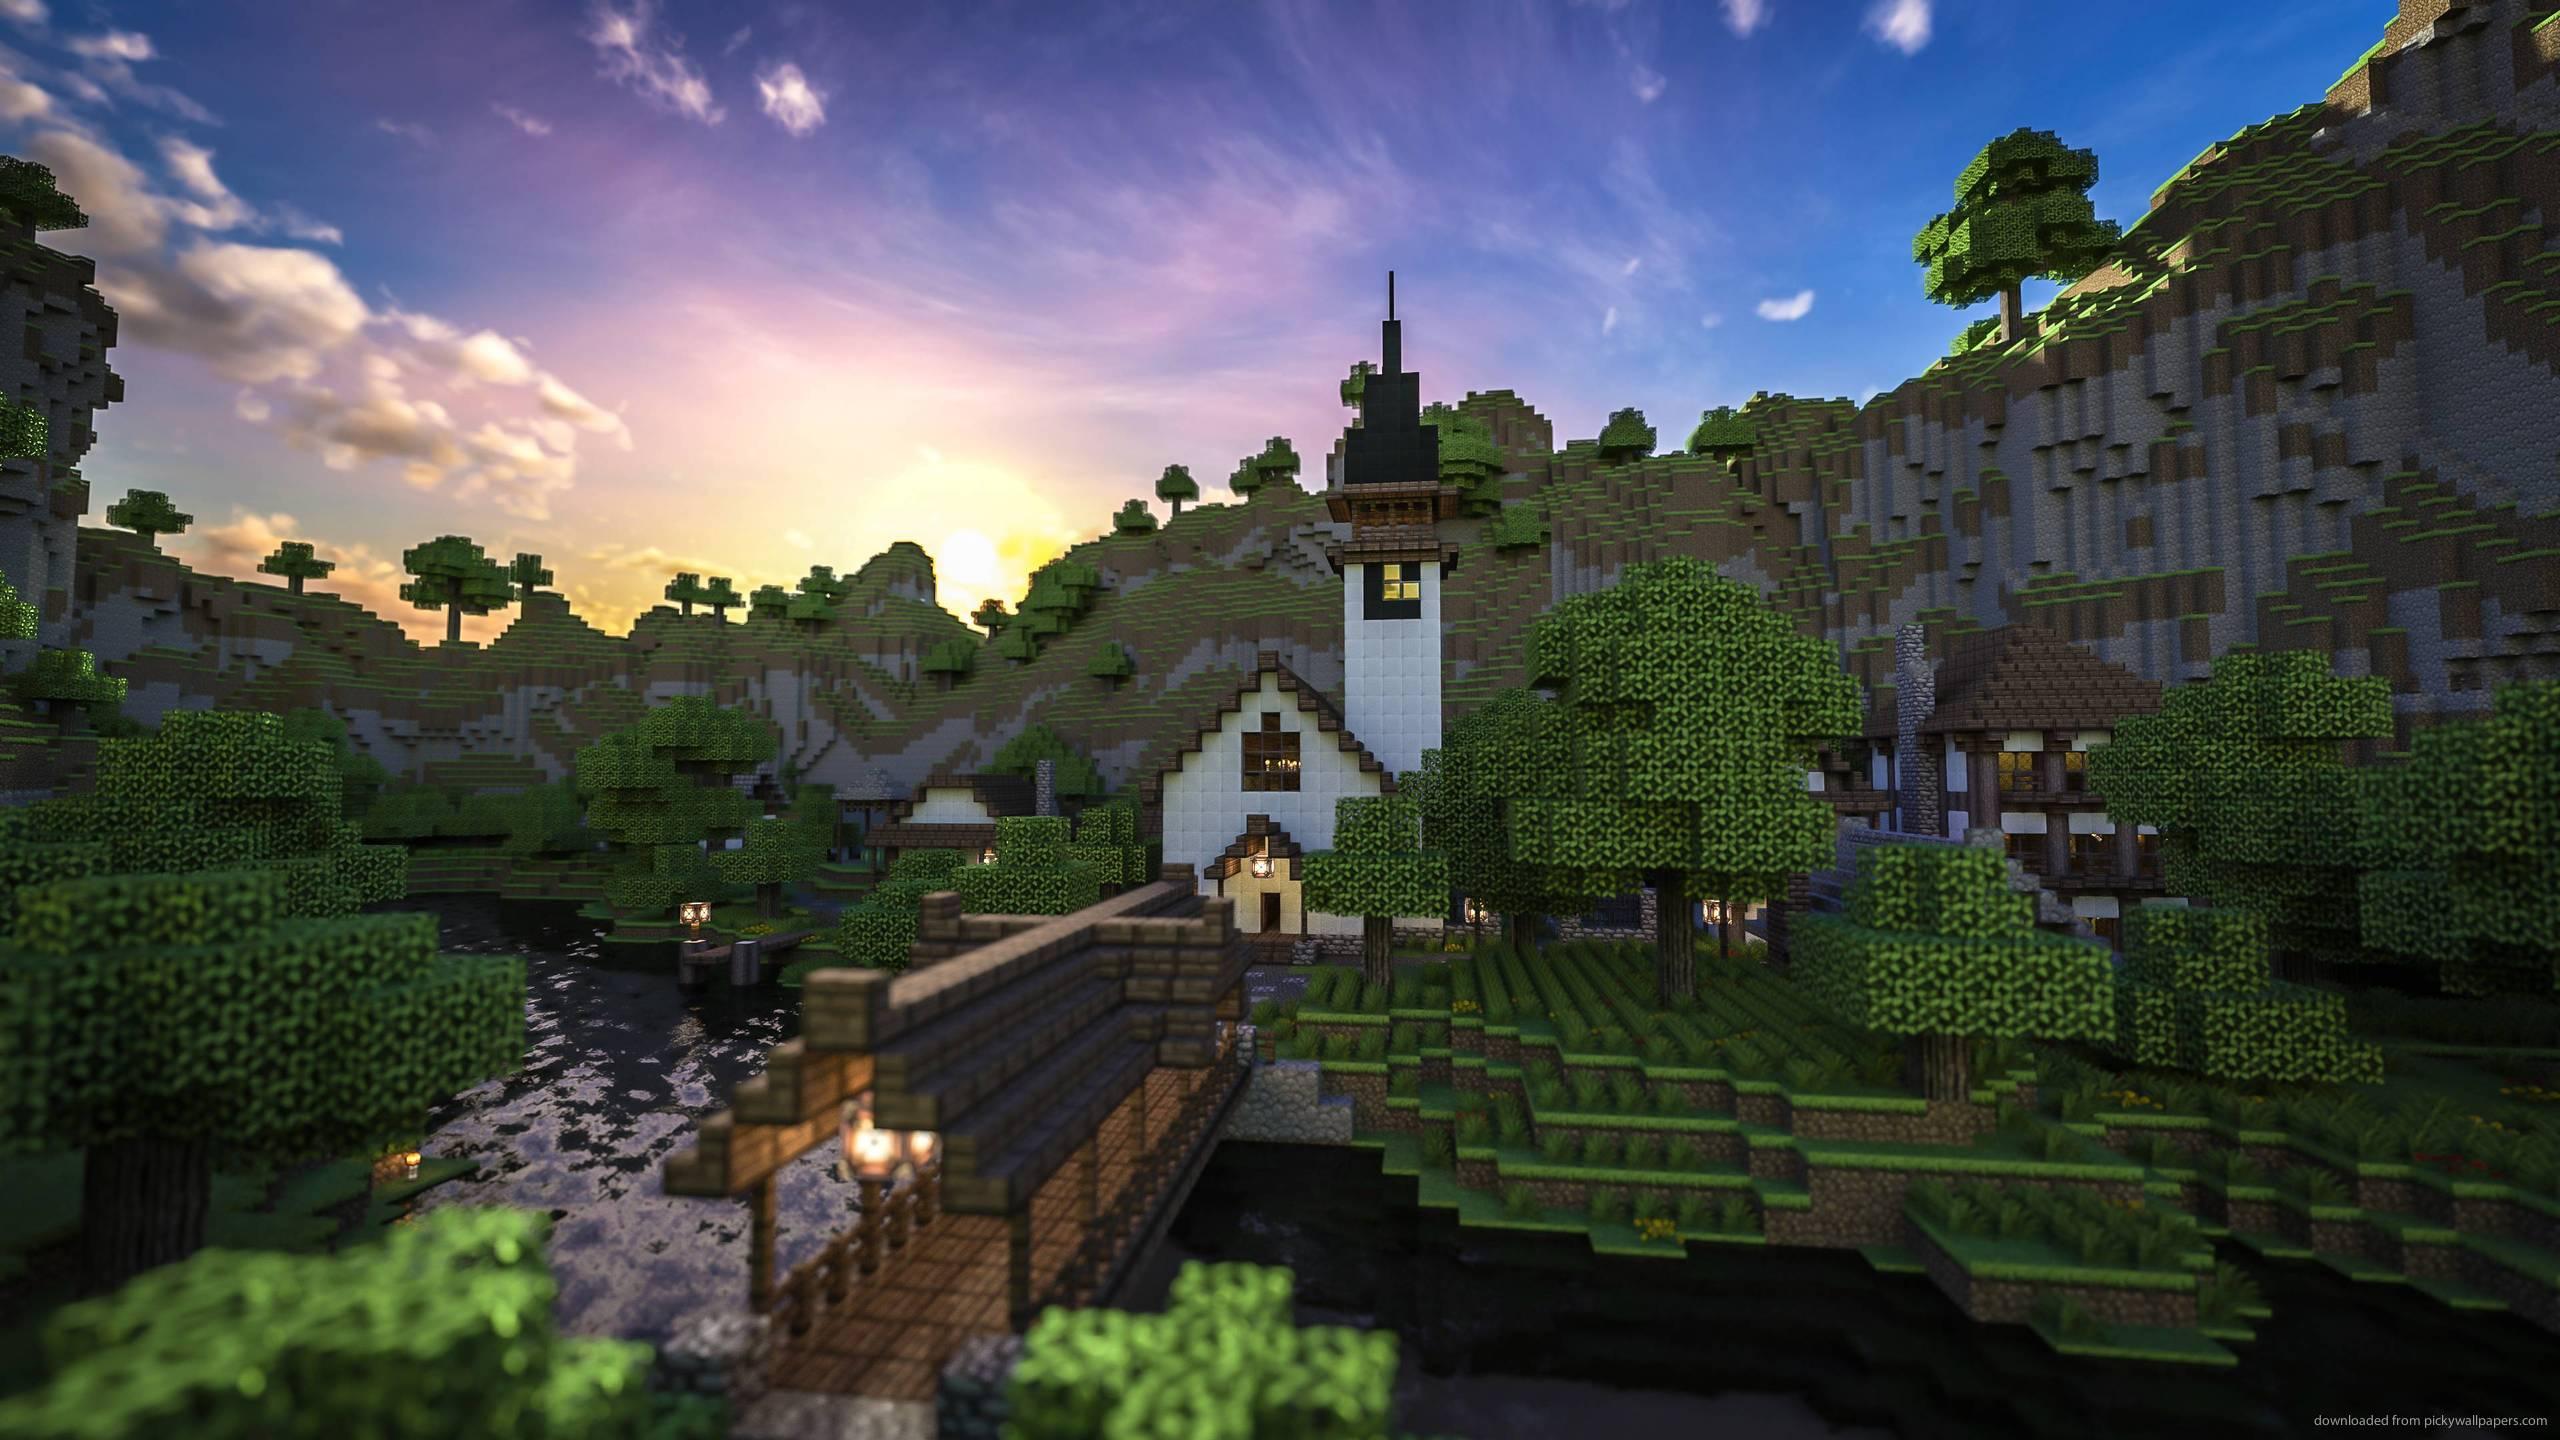 2560x1440 games minecraft minecraft home at sundown wallpaper download 2560x1440